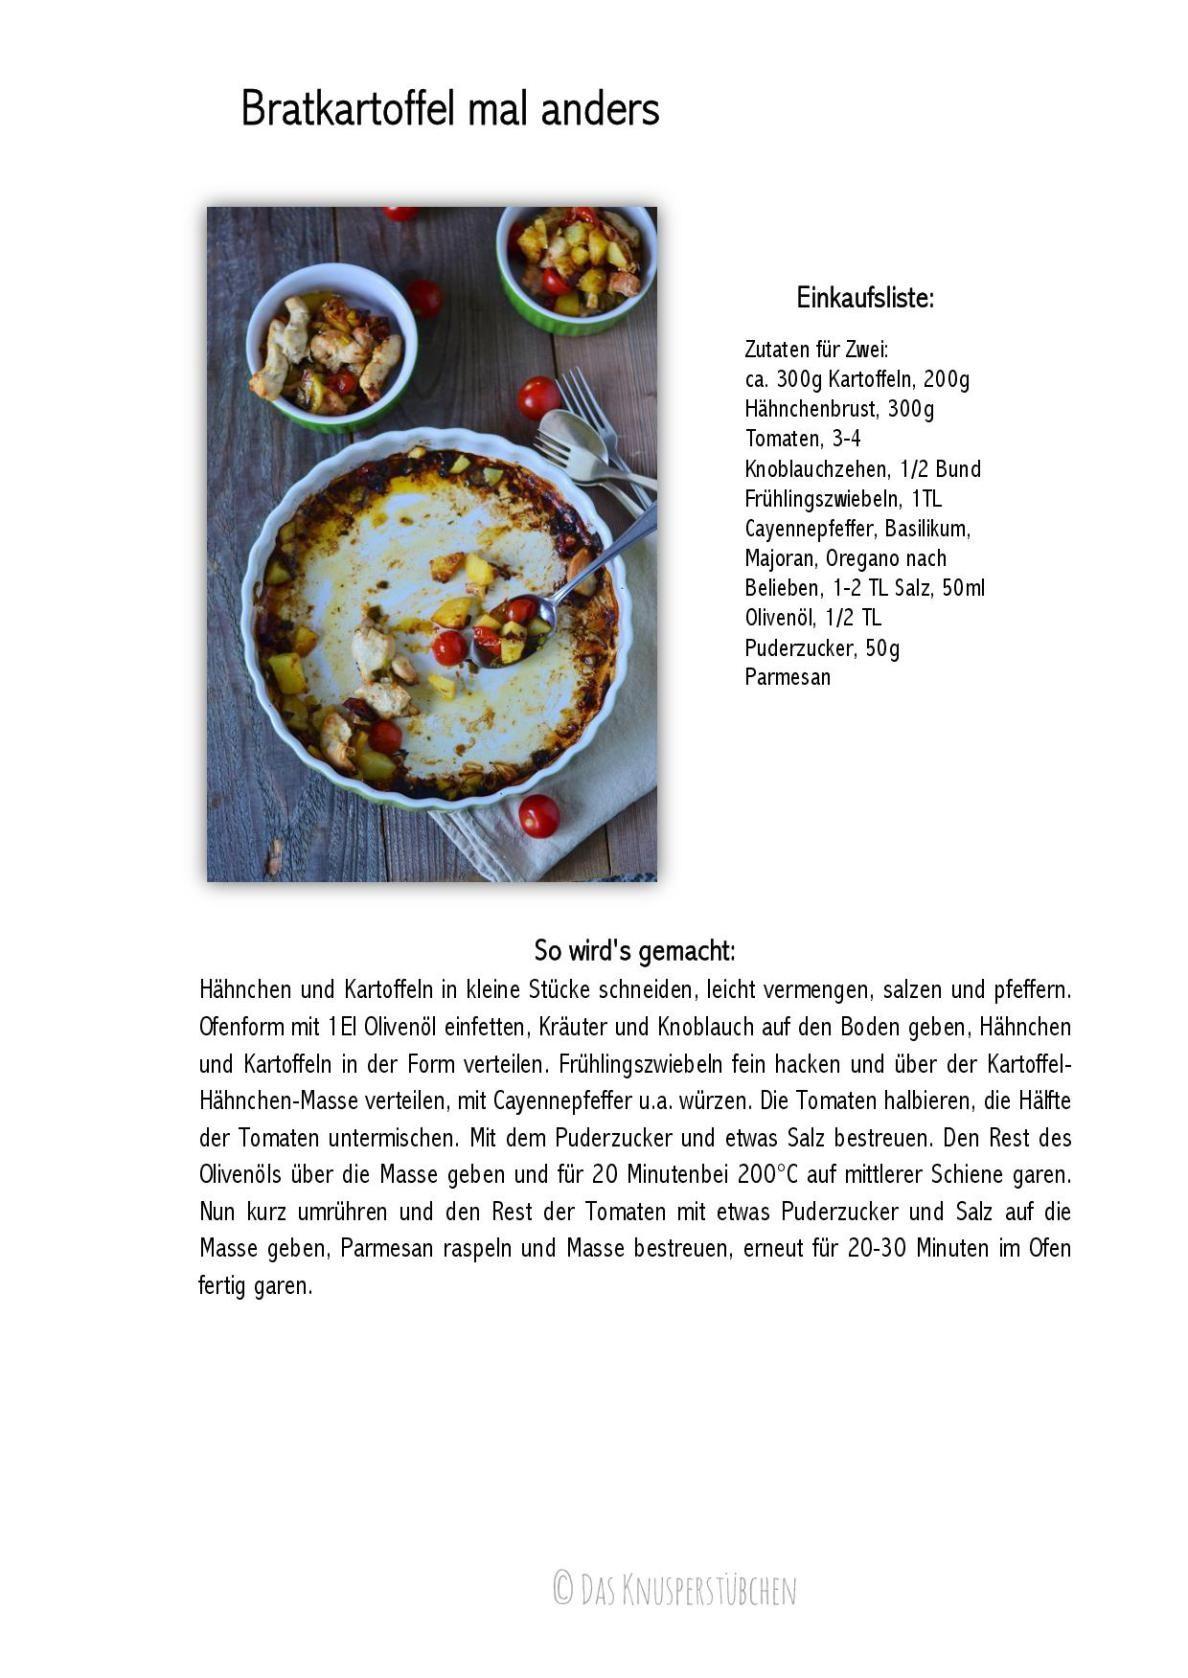 Bratkartoffel Aus Dem Ofen Schnelles Wochendinner Knusperstubchen Bratkartoffel Lebensmittel Essen Rezepte